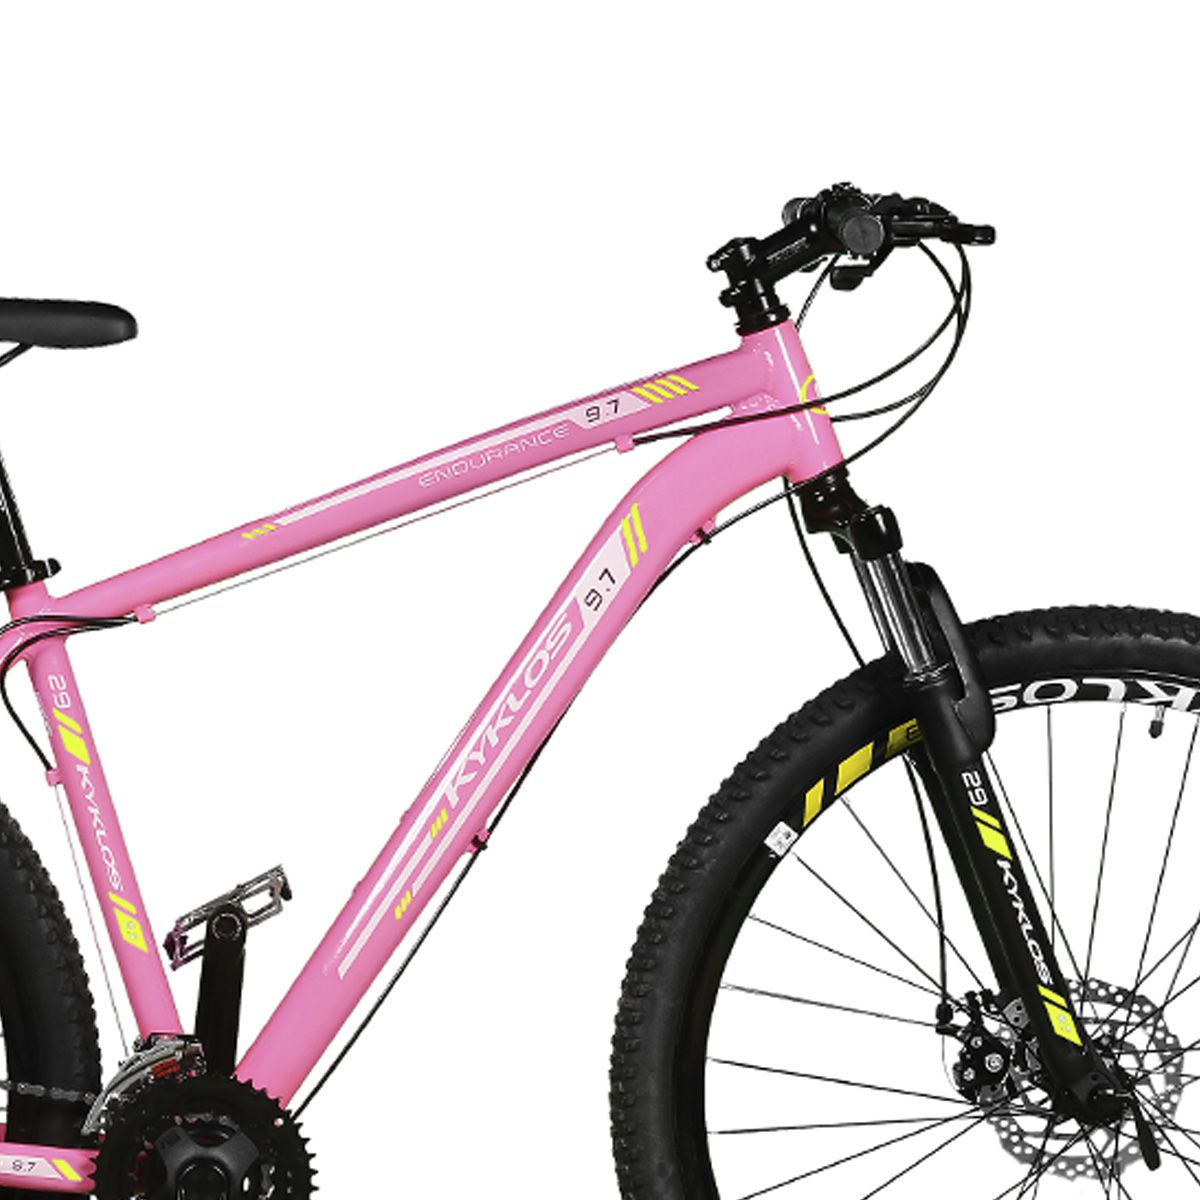 Bicicleta Kyklos Aro 29 Endurance 9.7 24V Freio a Disco com Suspensão A-36 Rosa/Amarelo